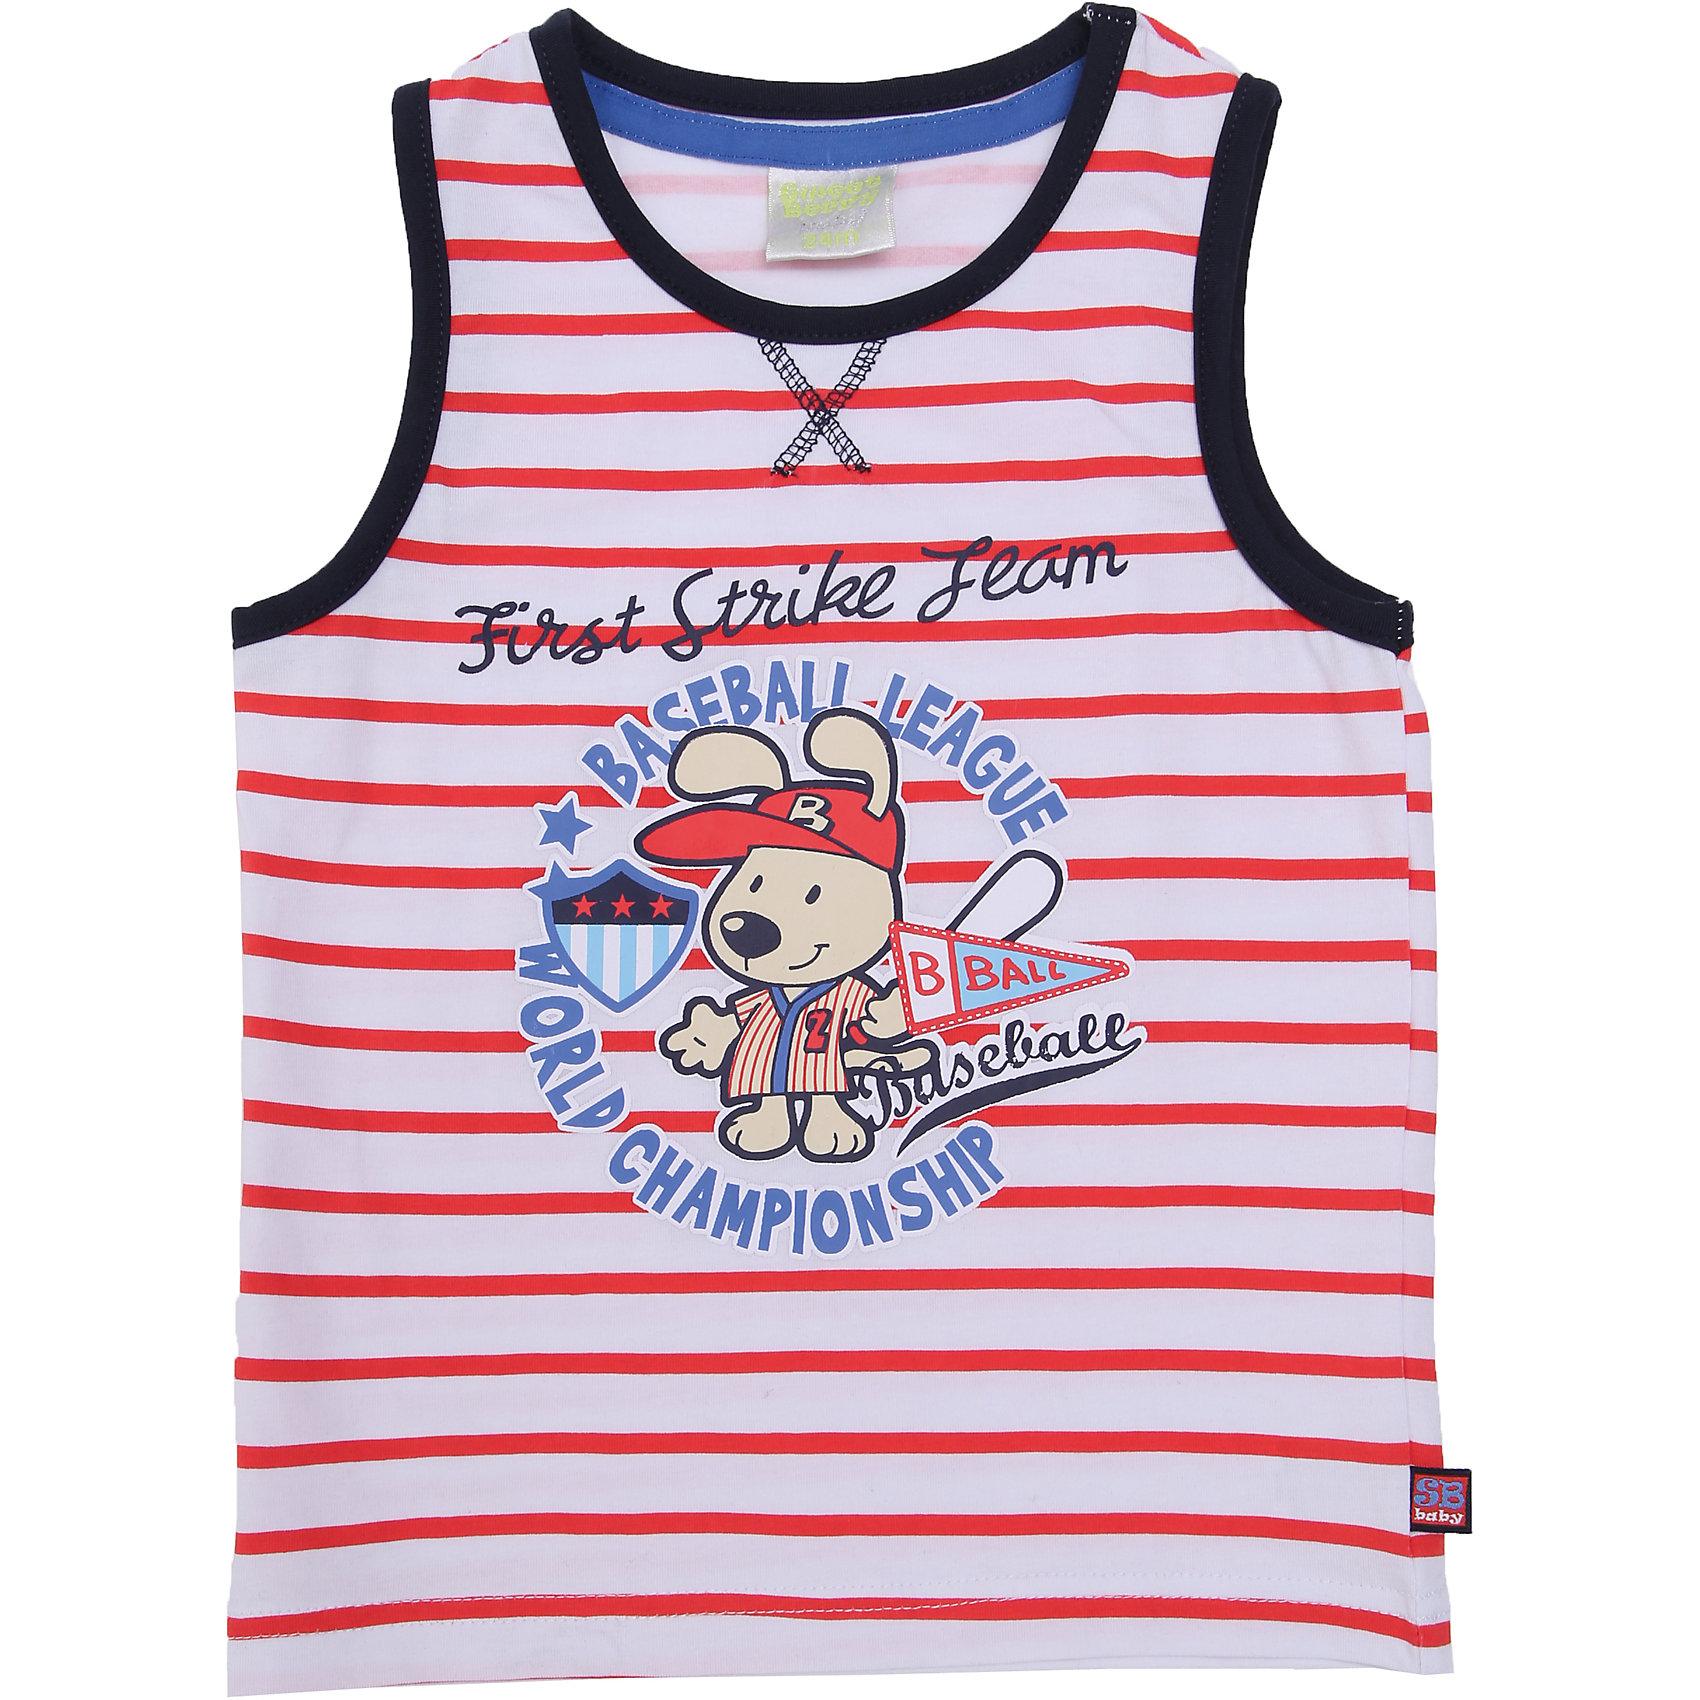 Комплект: майка и шорты для мальчика Sweet BerryКомплекты<br>Красивый летний комплект из двух предметов. Майка с контрастной окантовкой по пройме и горловине, украшена модным принтом. Шорты украшены контрастными вставками по бокам. Пояс дополнительно регулируется шнурком.<br>Состав:<br>95% хлопок 5% эластан<br><br>Ширина мм: 199<br>Глубина мм: 10<br>Высота мм: 161<br>Вес г: 151<br>Цвет: белый<br>Возраст от месяцев: 12<br>Возраст до месяцев: 18<br>Пол: Мужской<br>Возраст: Детский<br>Размер: 86,92,80,98<br>SKU: 4019981